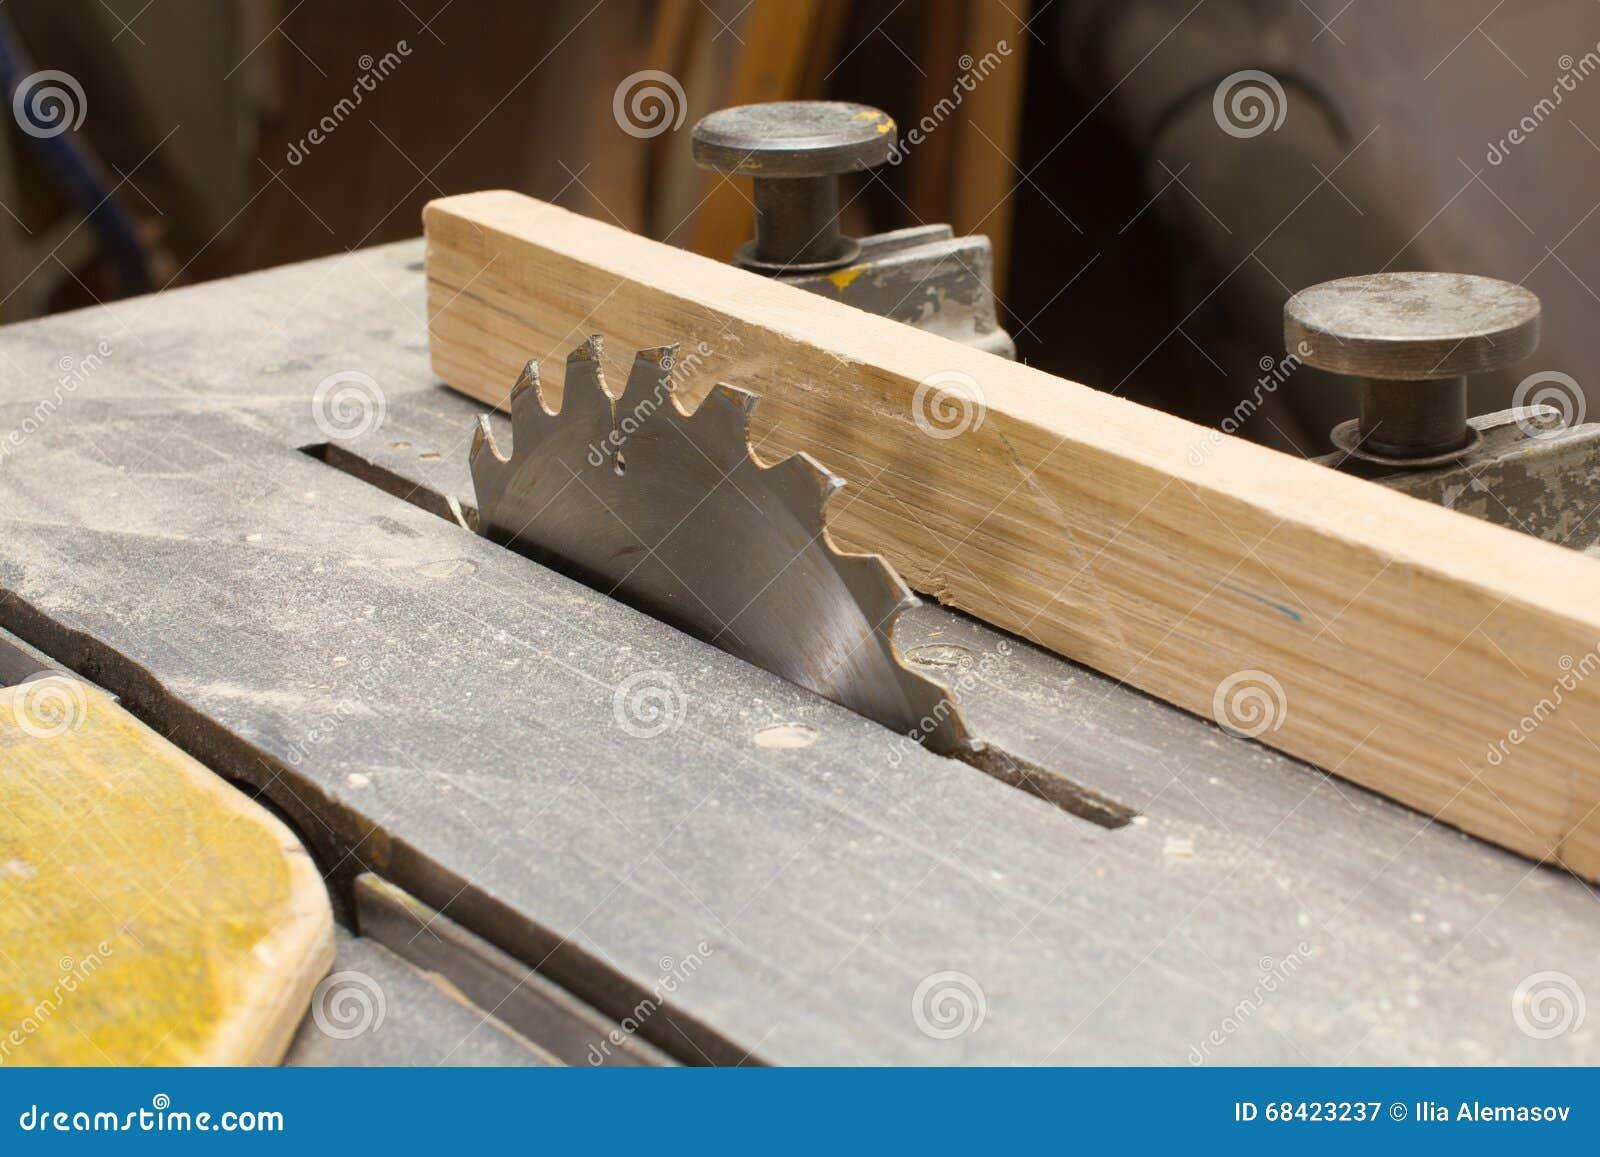 Woodworking kurenda zobaczył zbliżenie